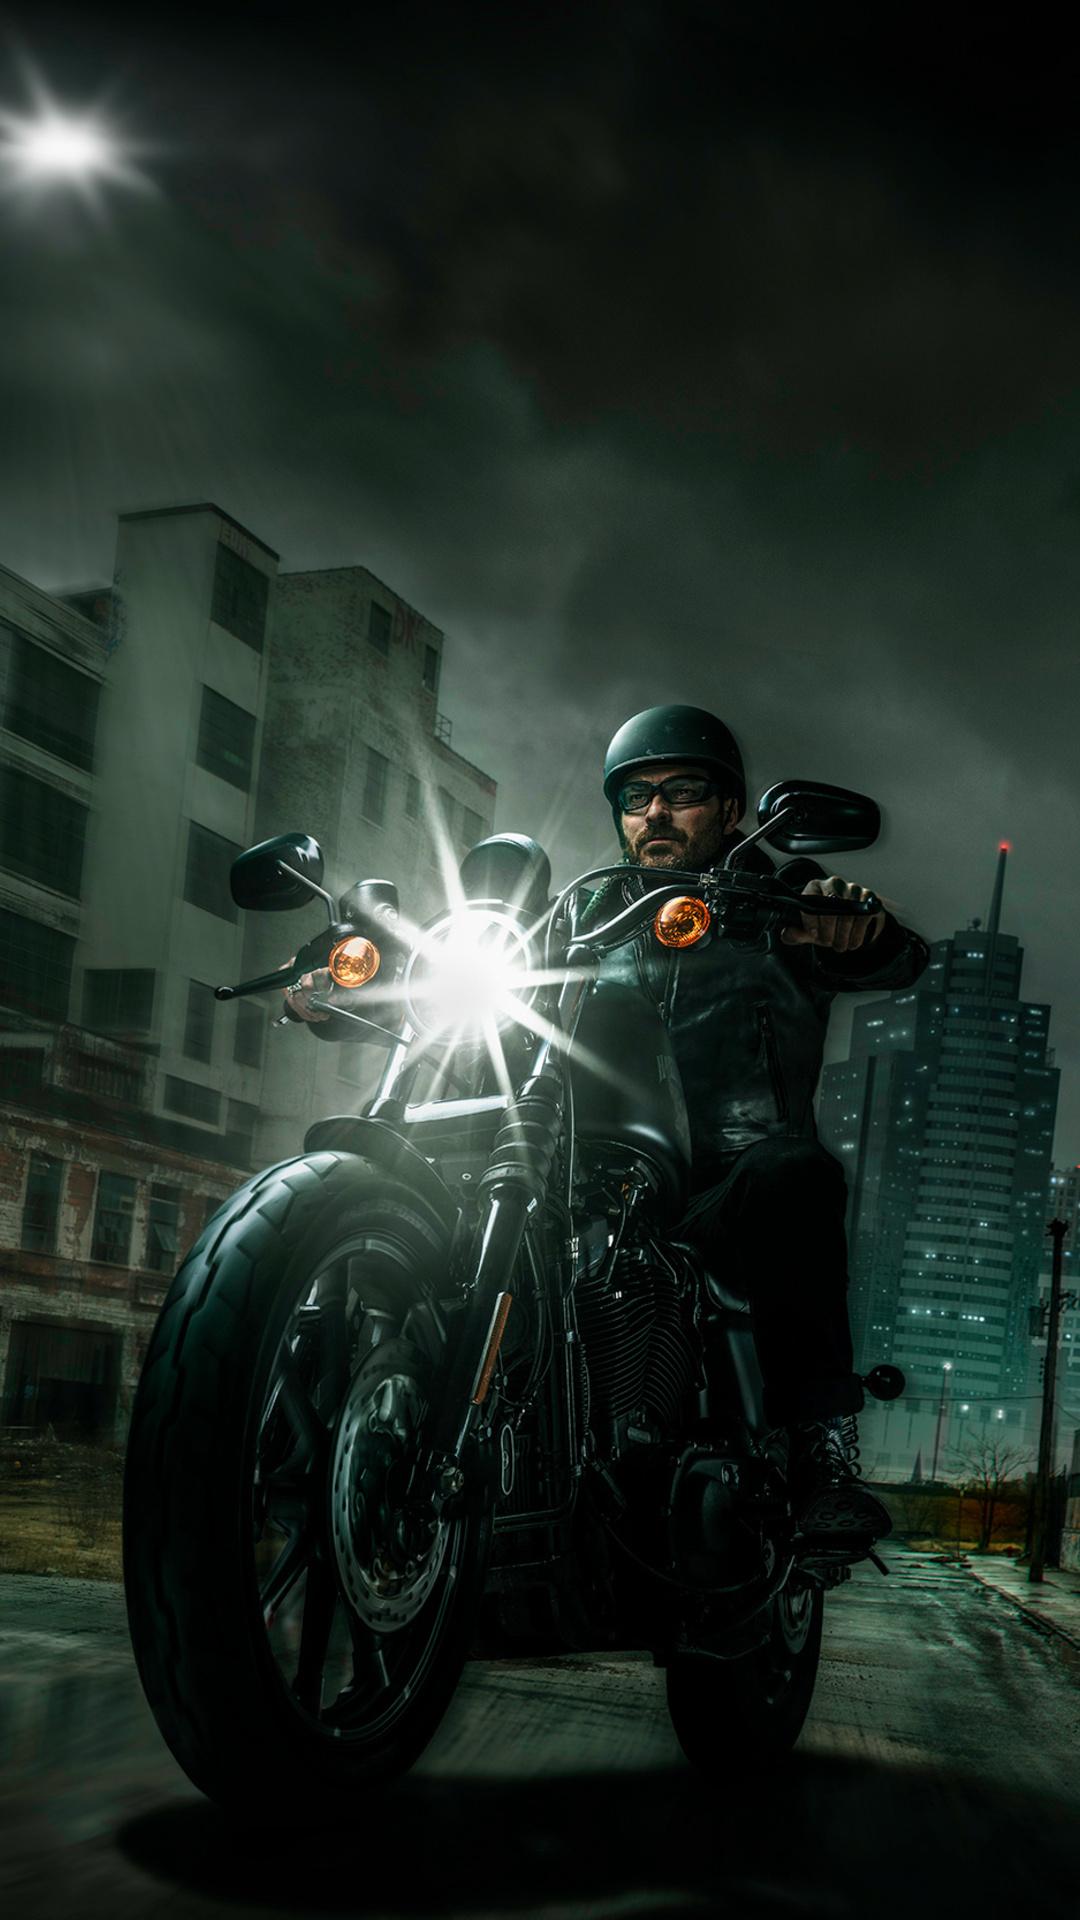 harley-davidson-night-riders-0z.jpg